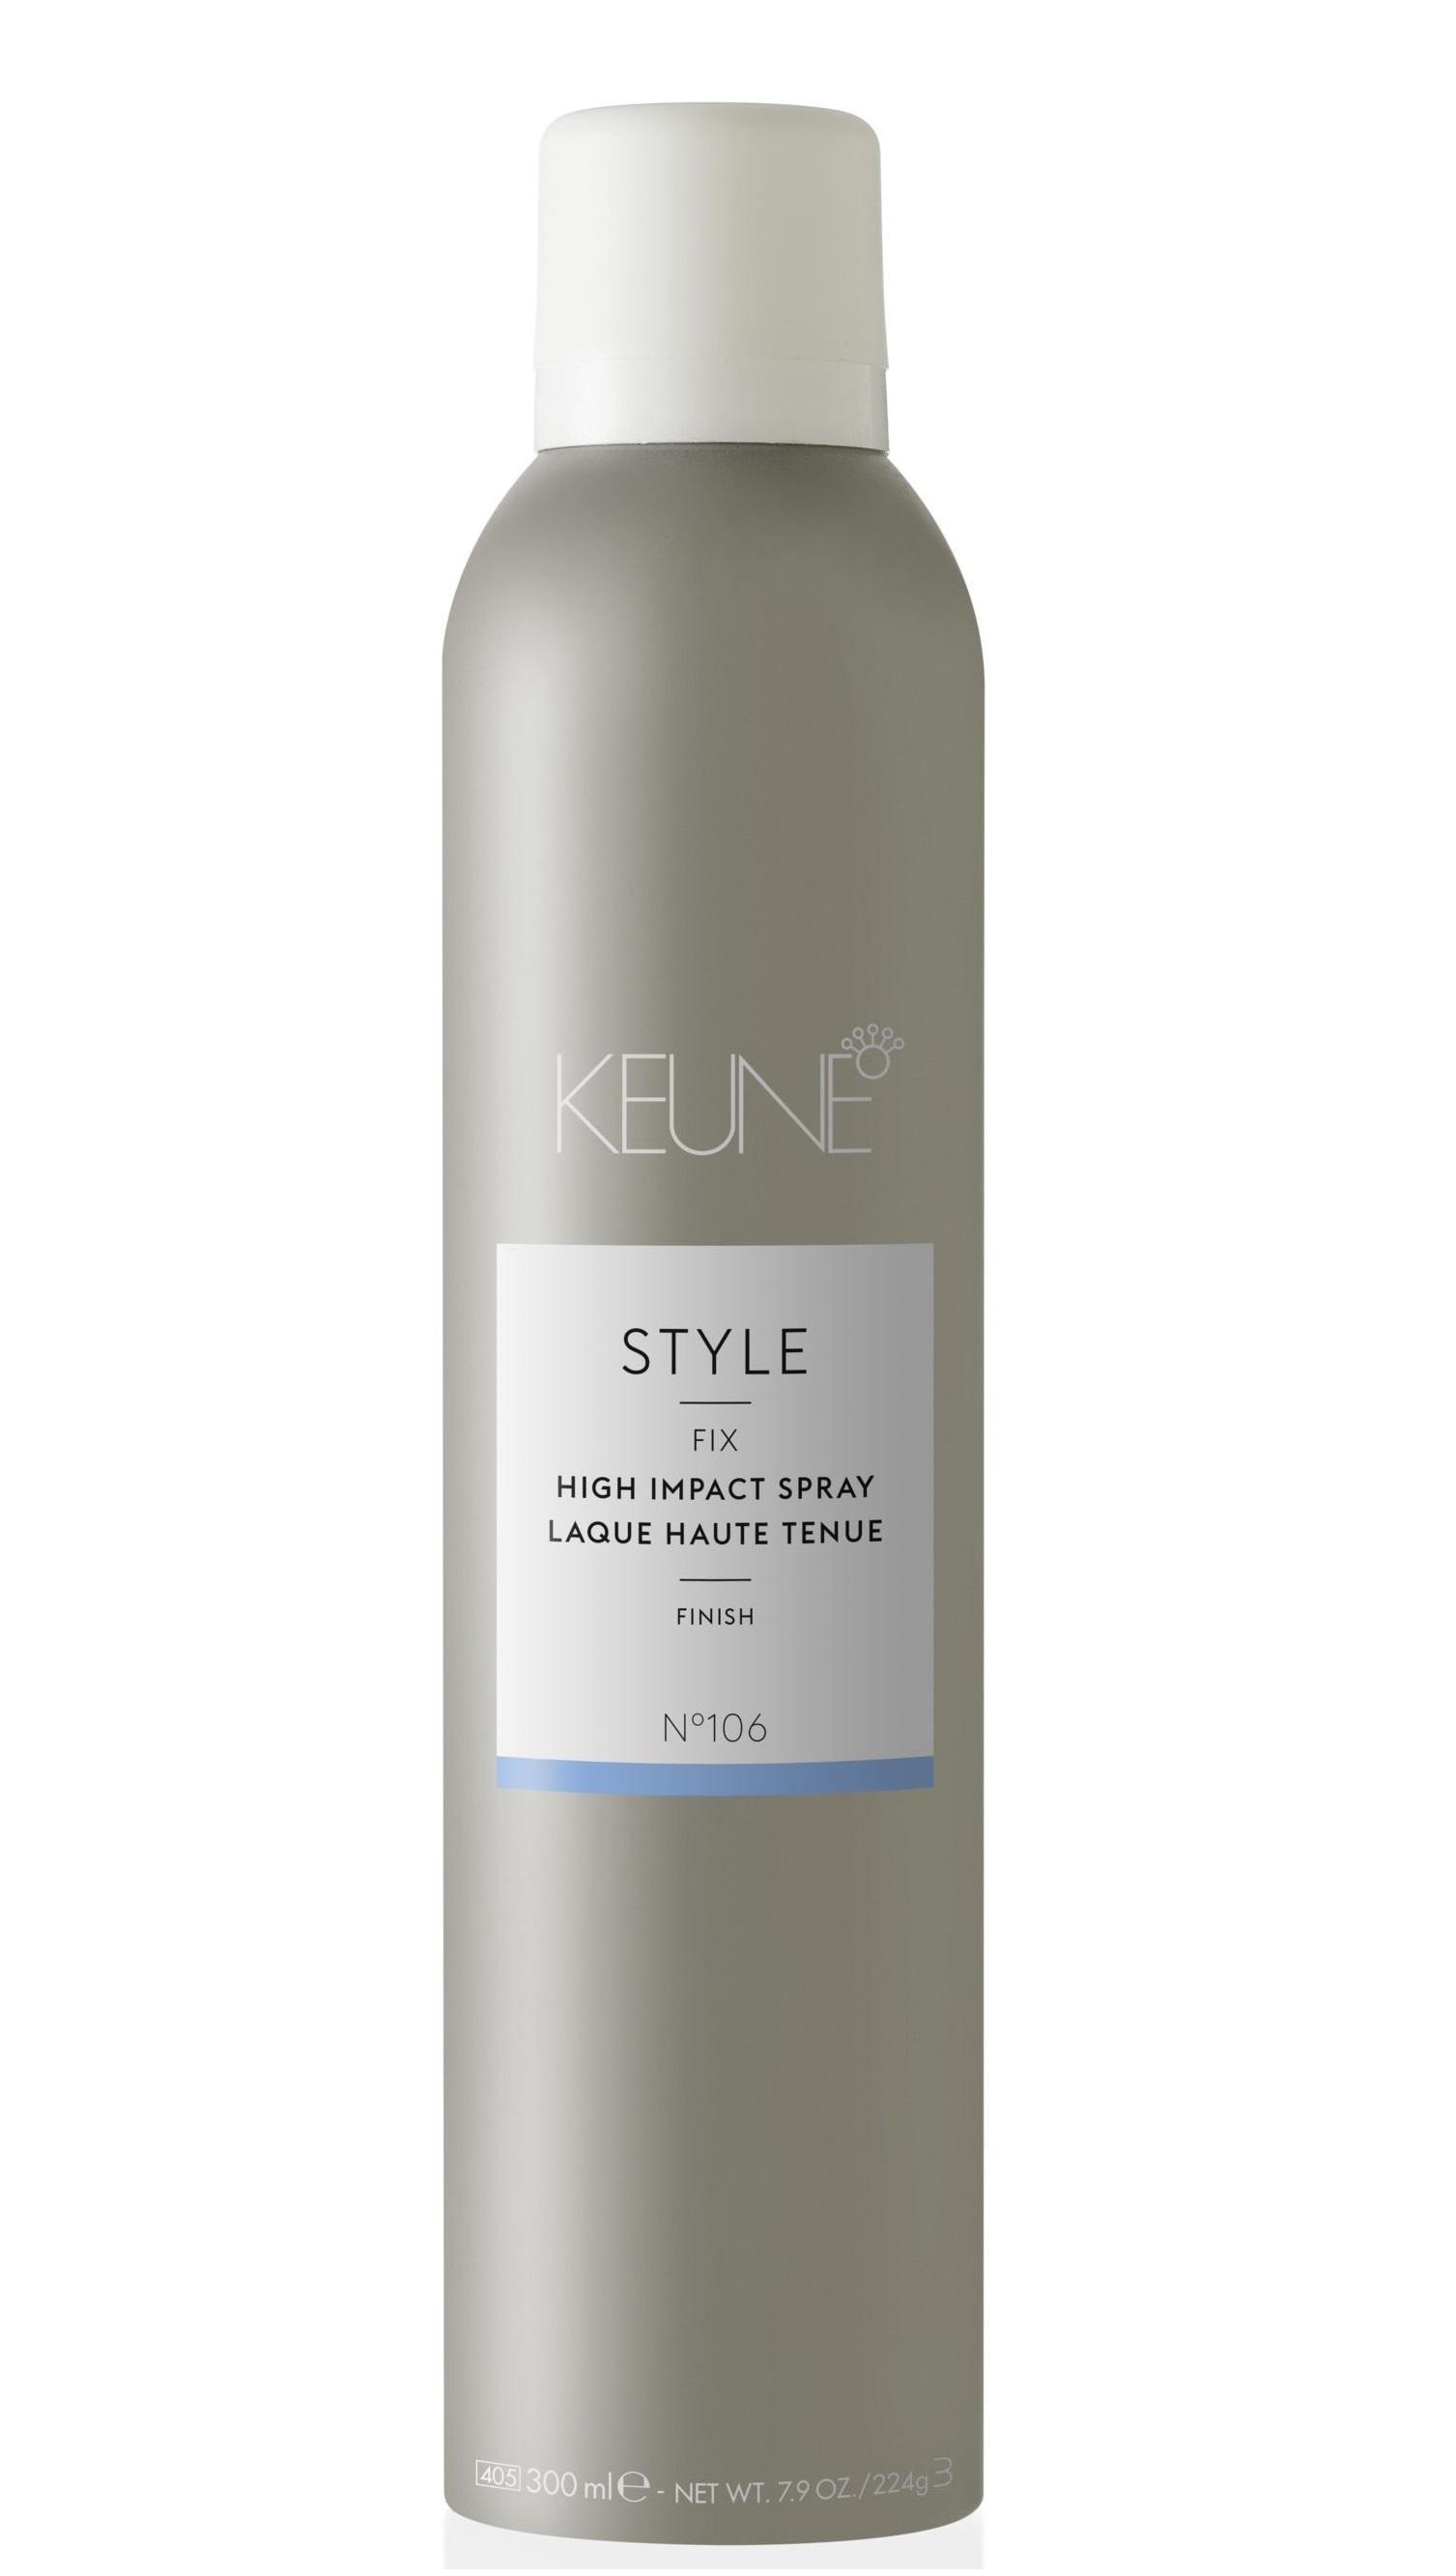 Купить KEUNE Лак для волос сильной фиксации / STYLE HIGH IMPACT SPRAY 300 мл